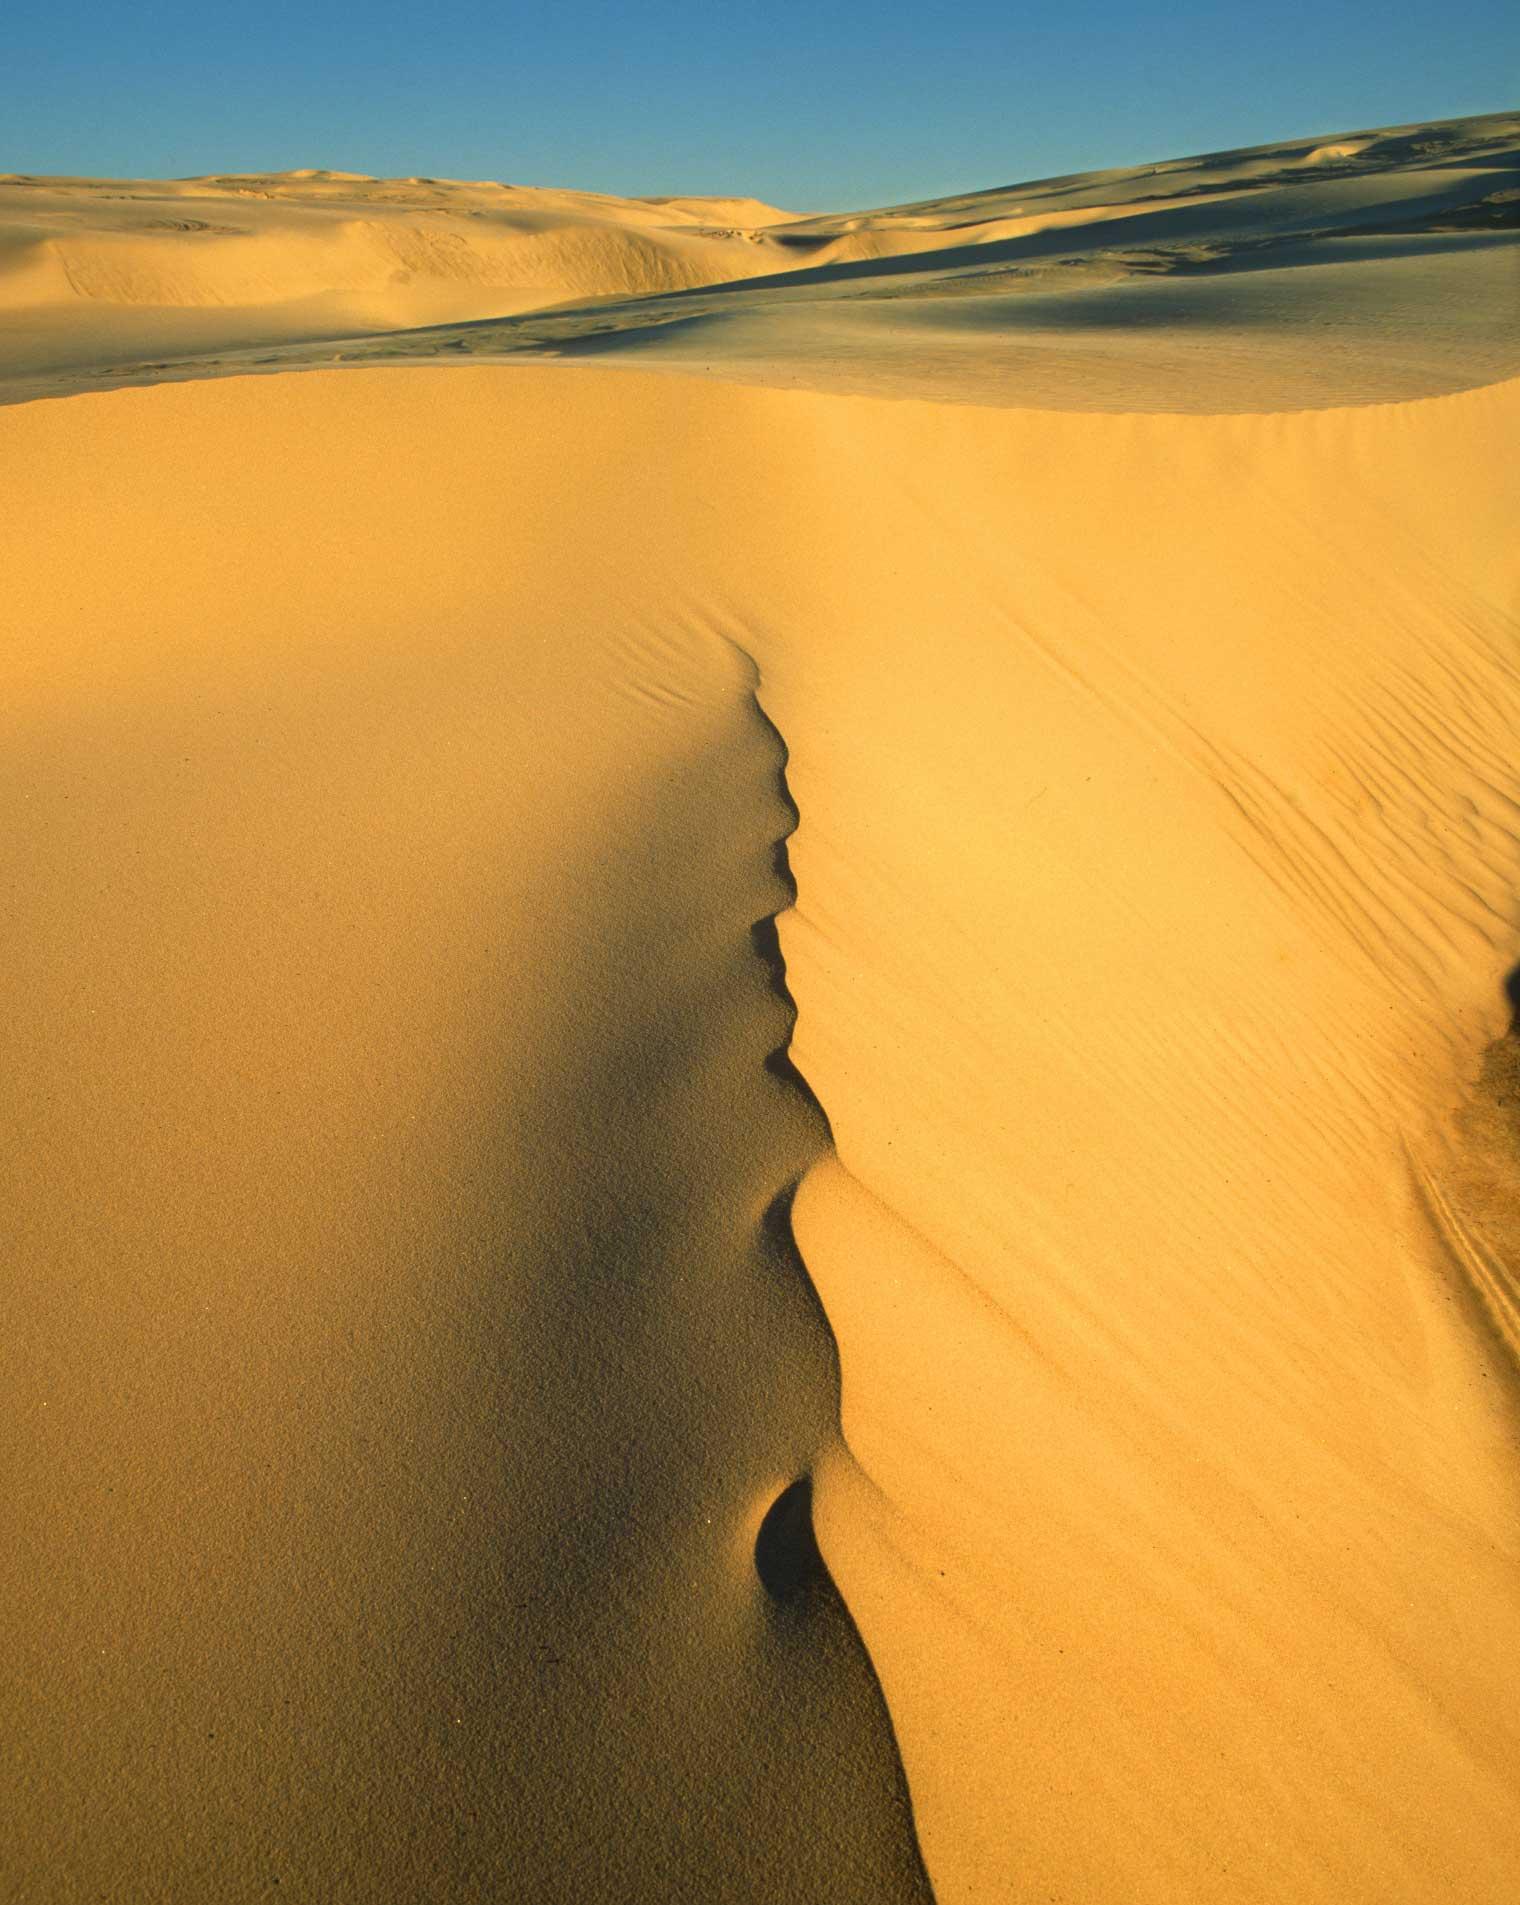 sand-dunes-stokton-bight.jpg